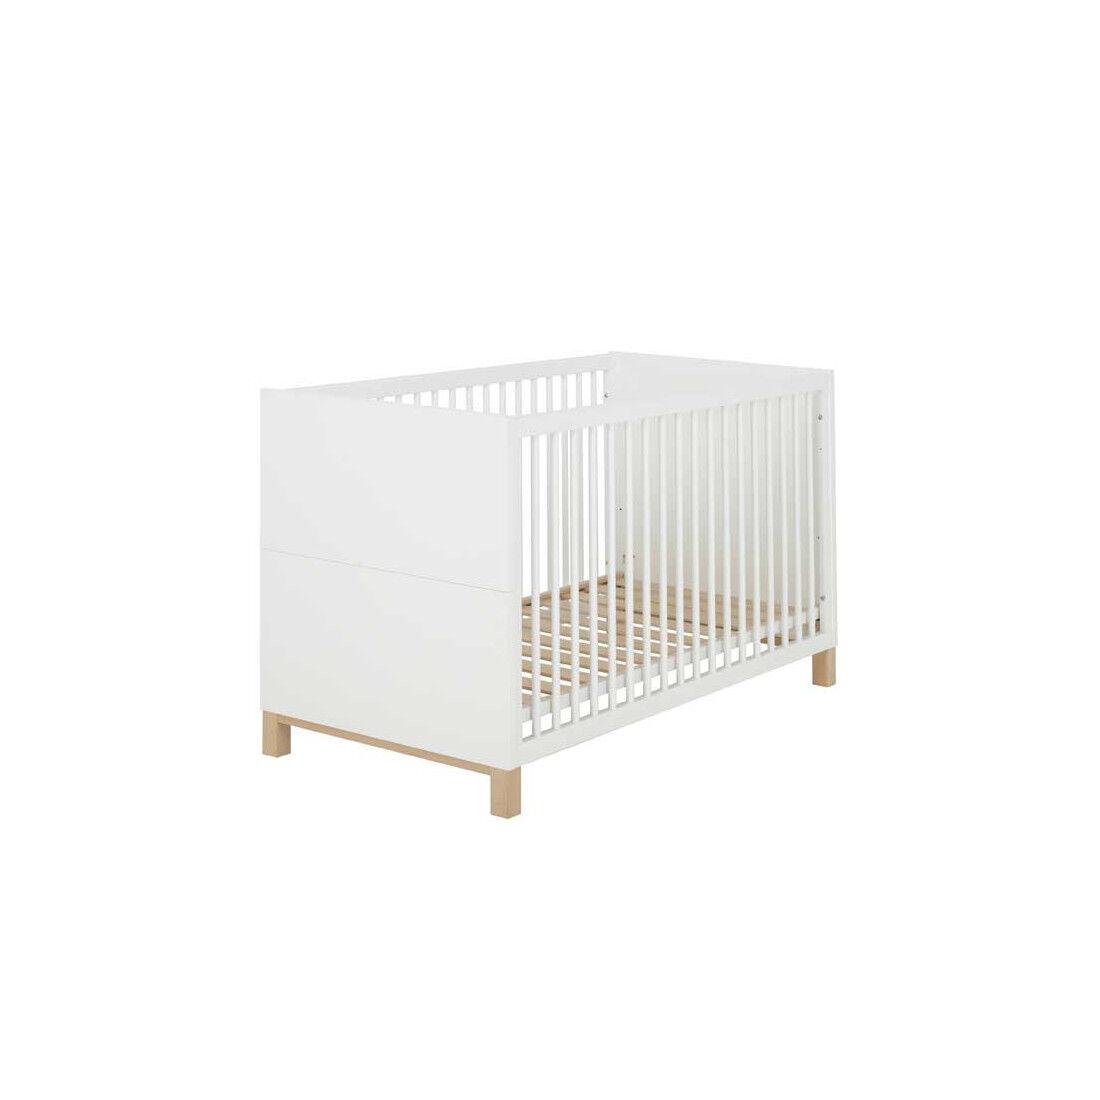 Tousmesmeubles Lit bébé évolutif Blanc/Bois - CIEL - L 74 x l 145 x H 84